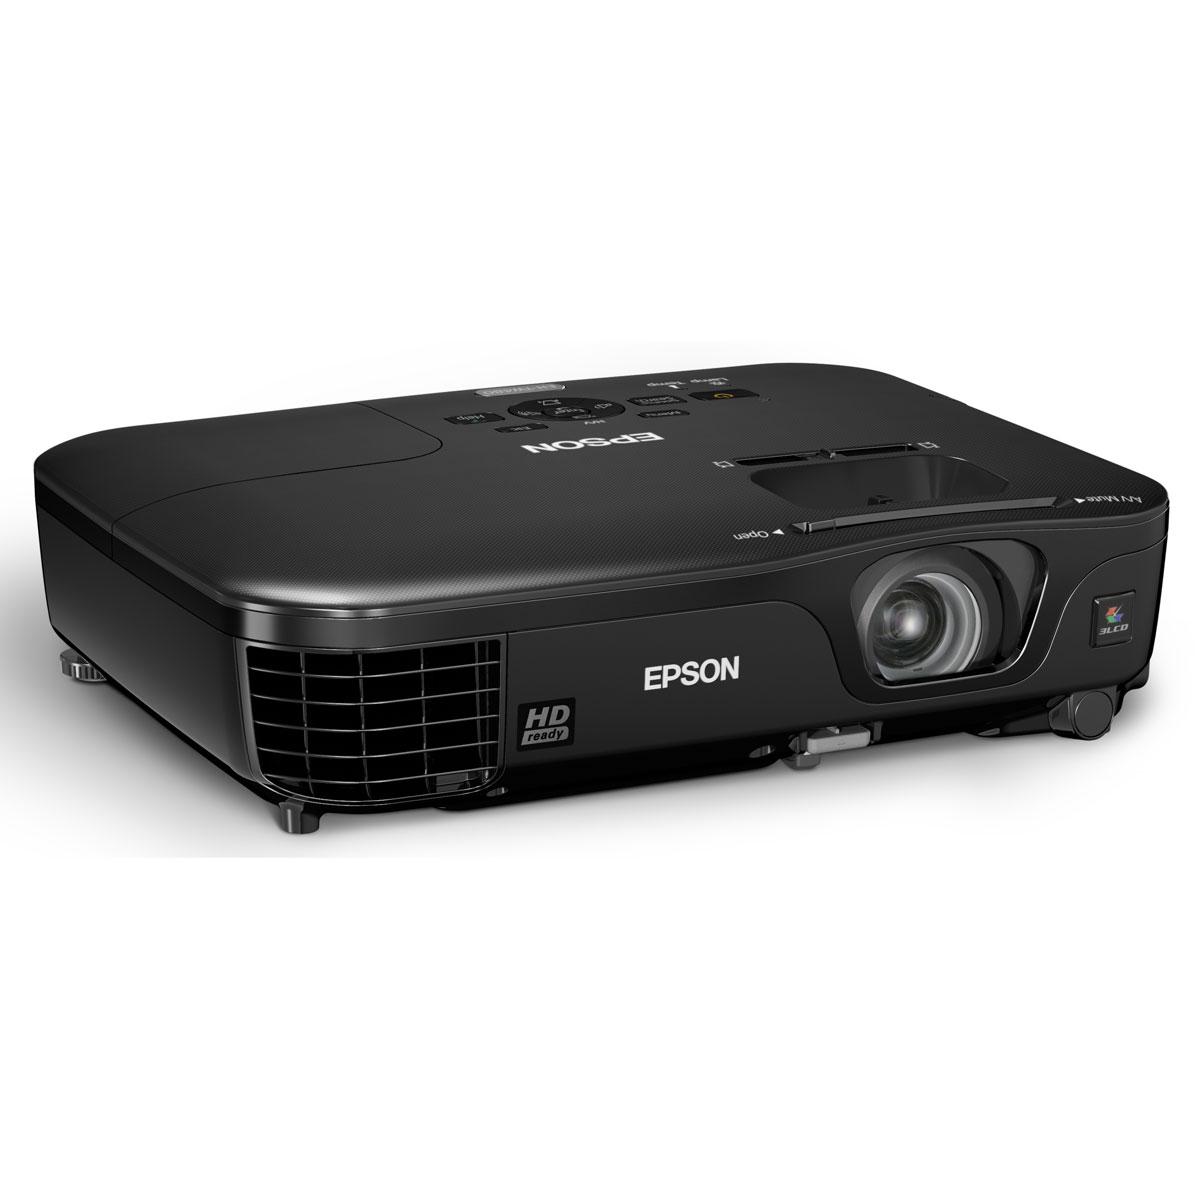 Epson eh tw480 ldlc ecran manuel vid oprojecteur epson - Support plafond videoprojecteur epson ...